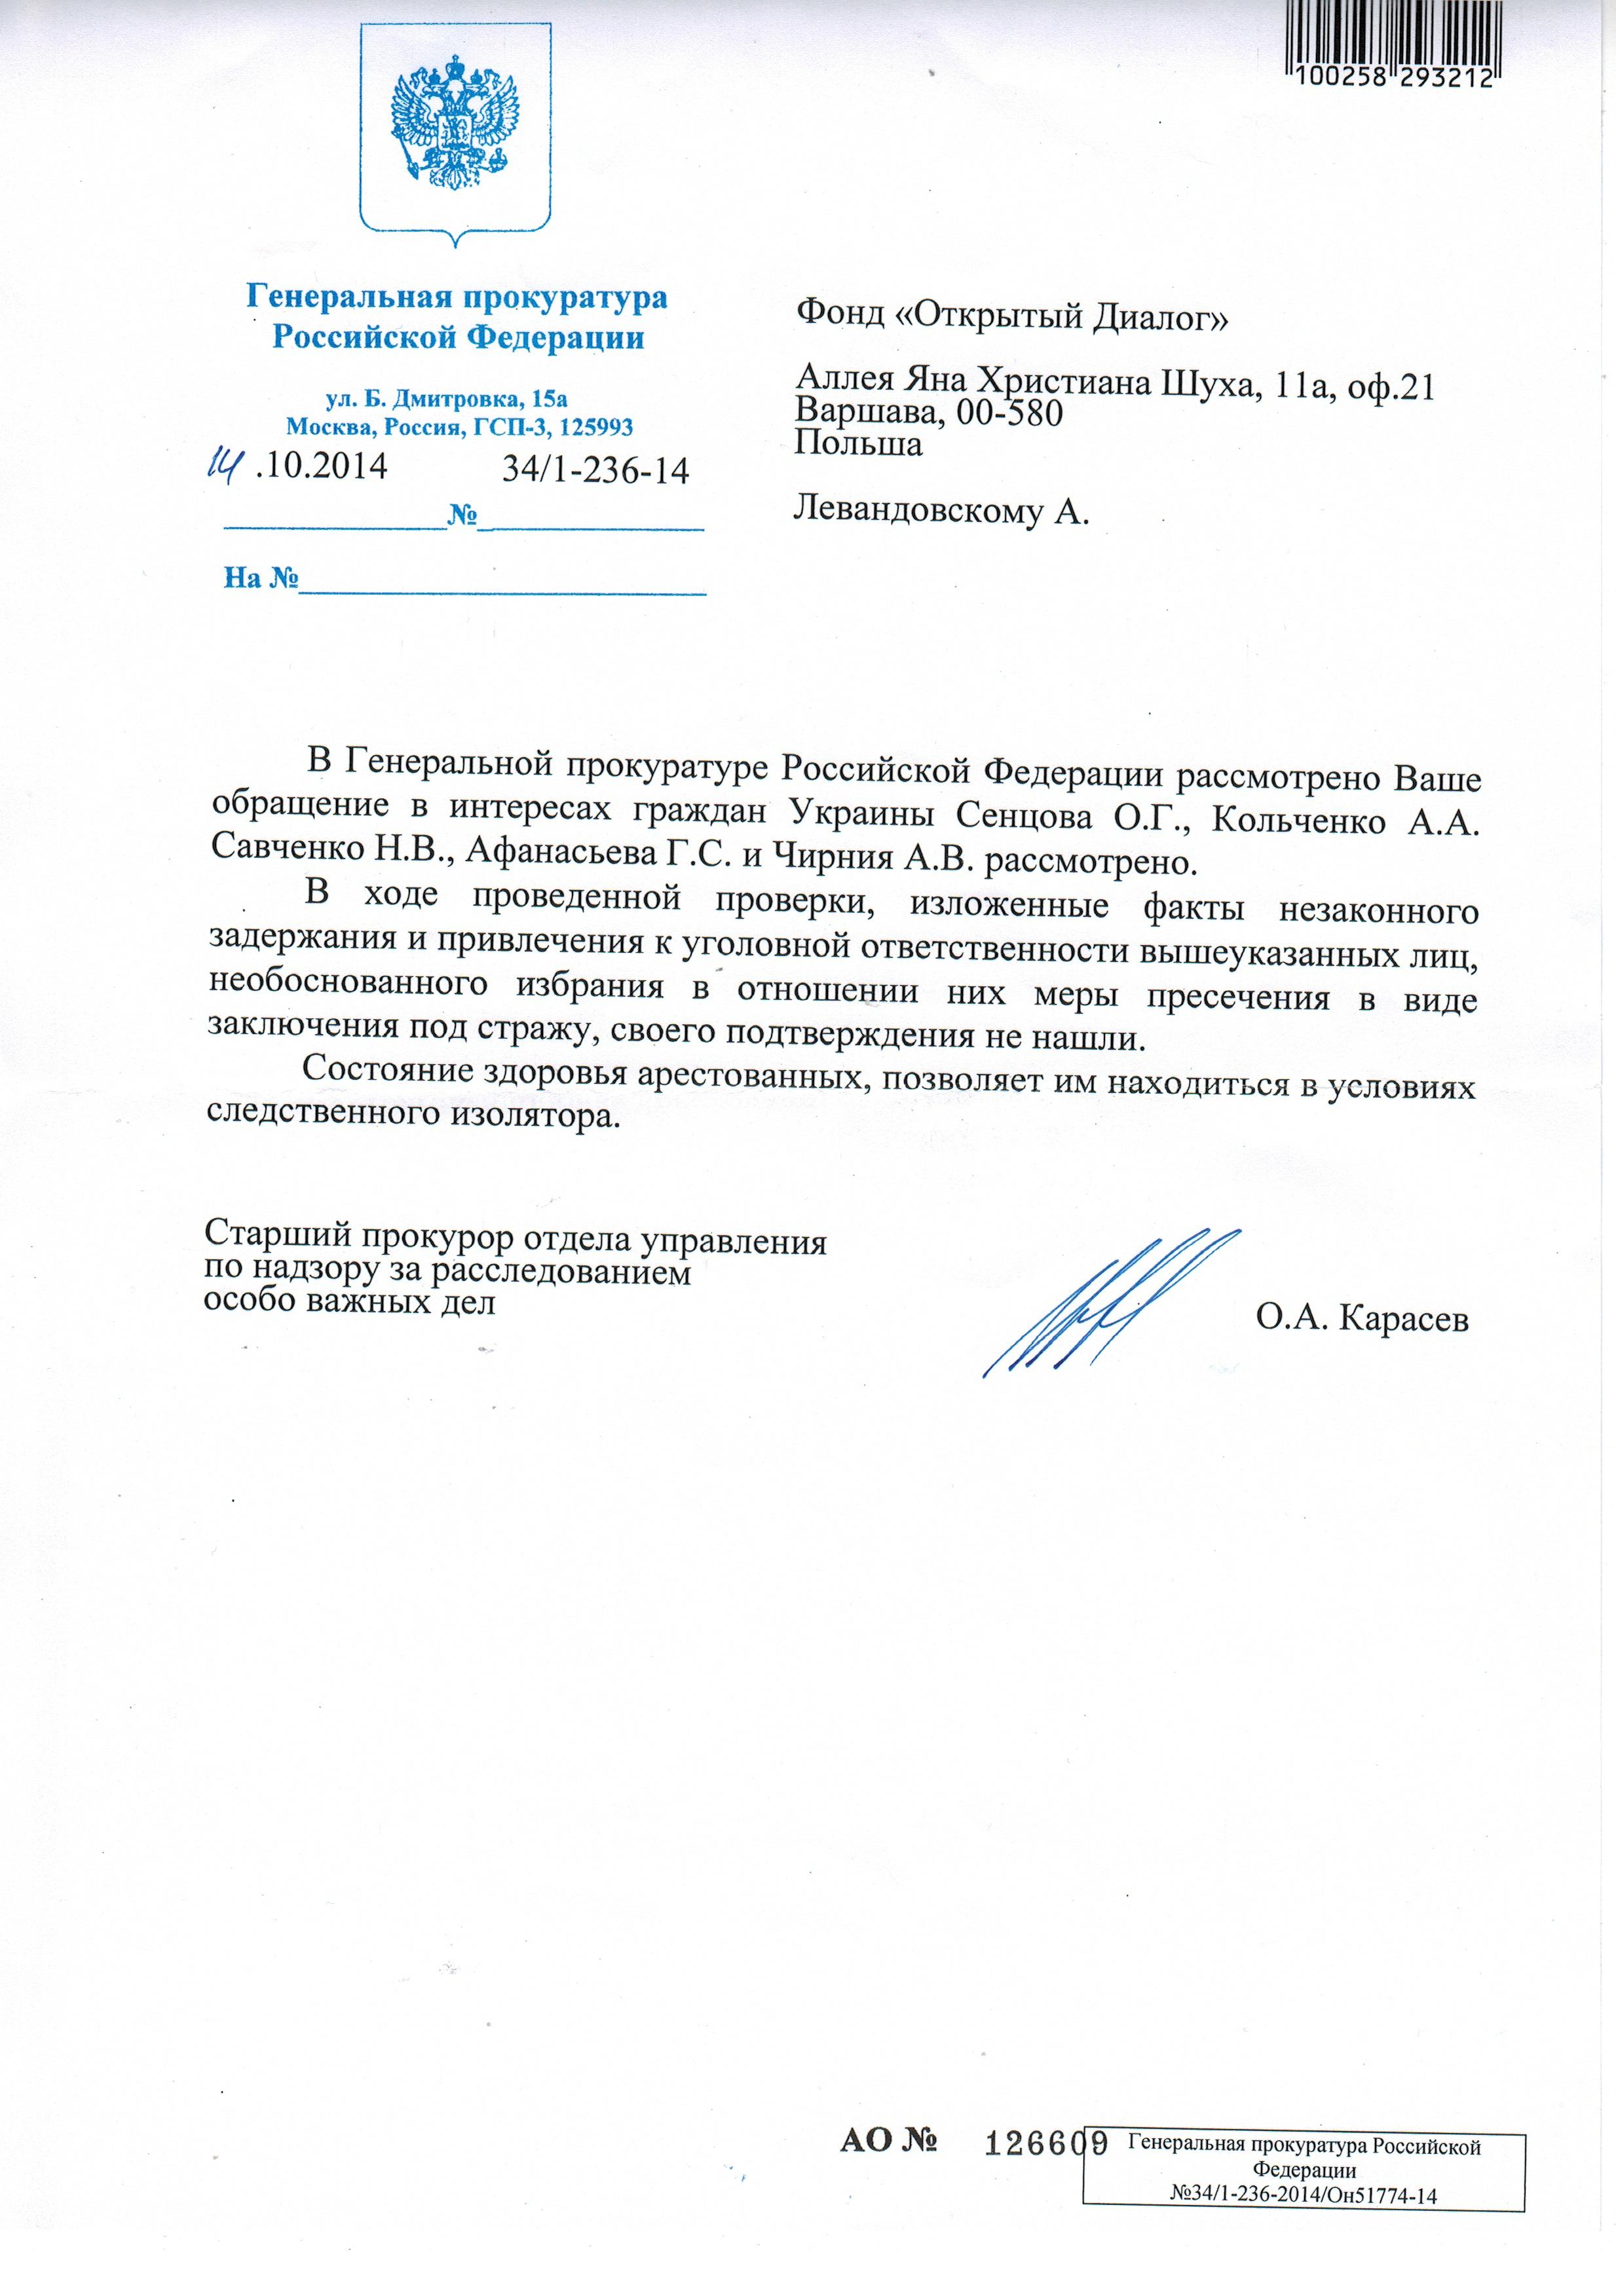 Ответ российских властей Фундации «Открытый Диалог»